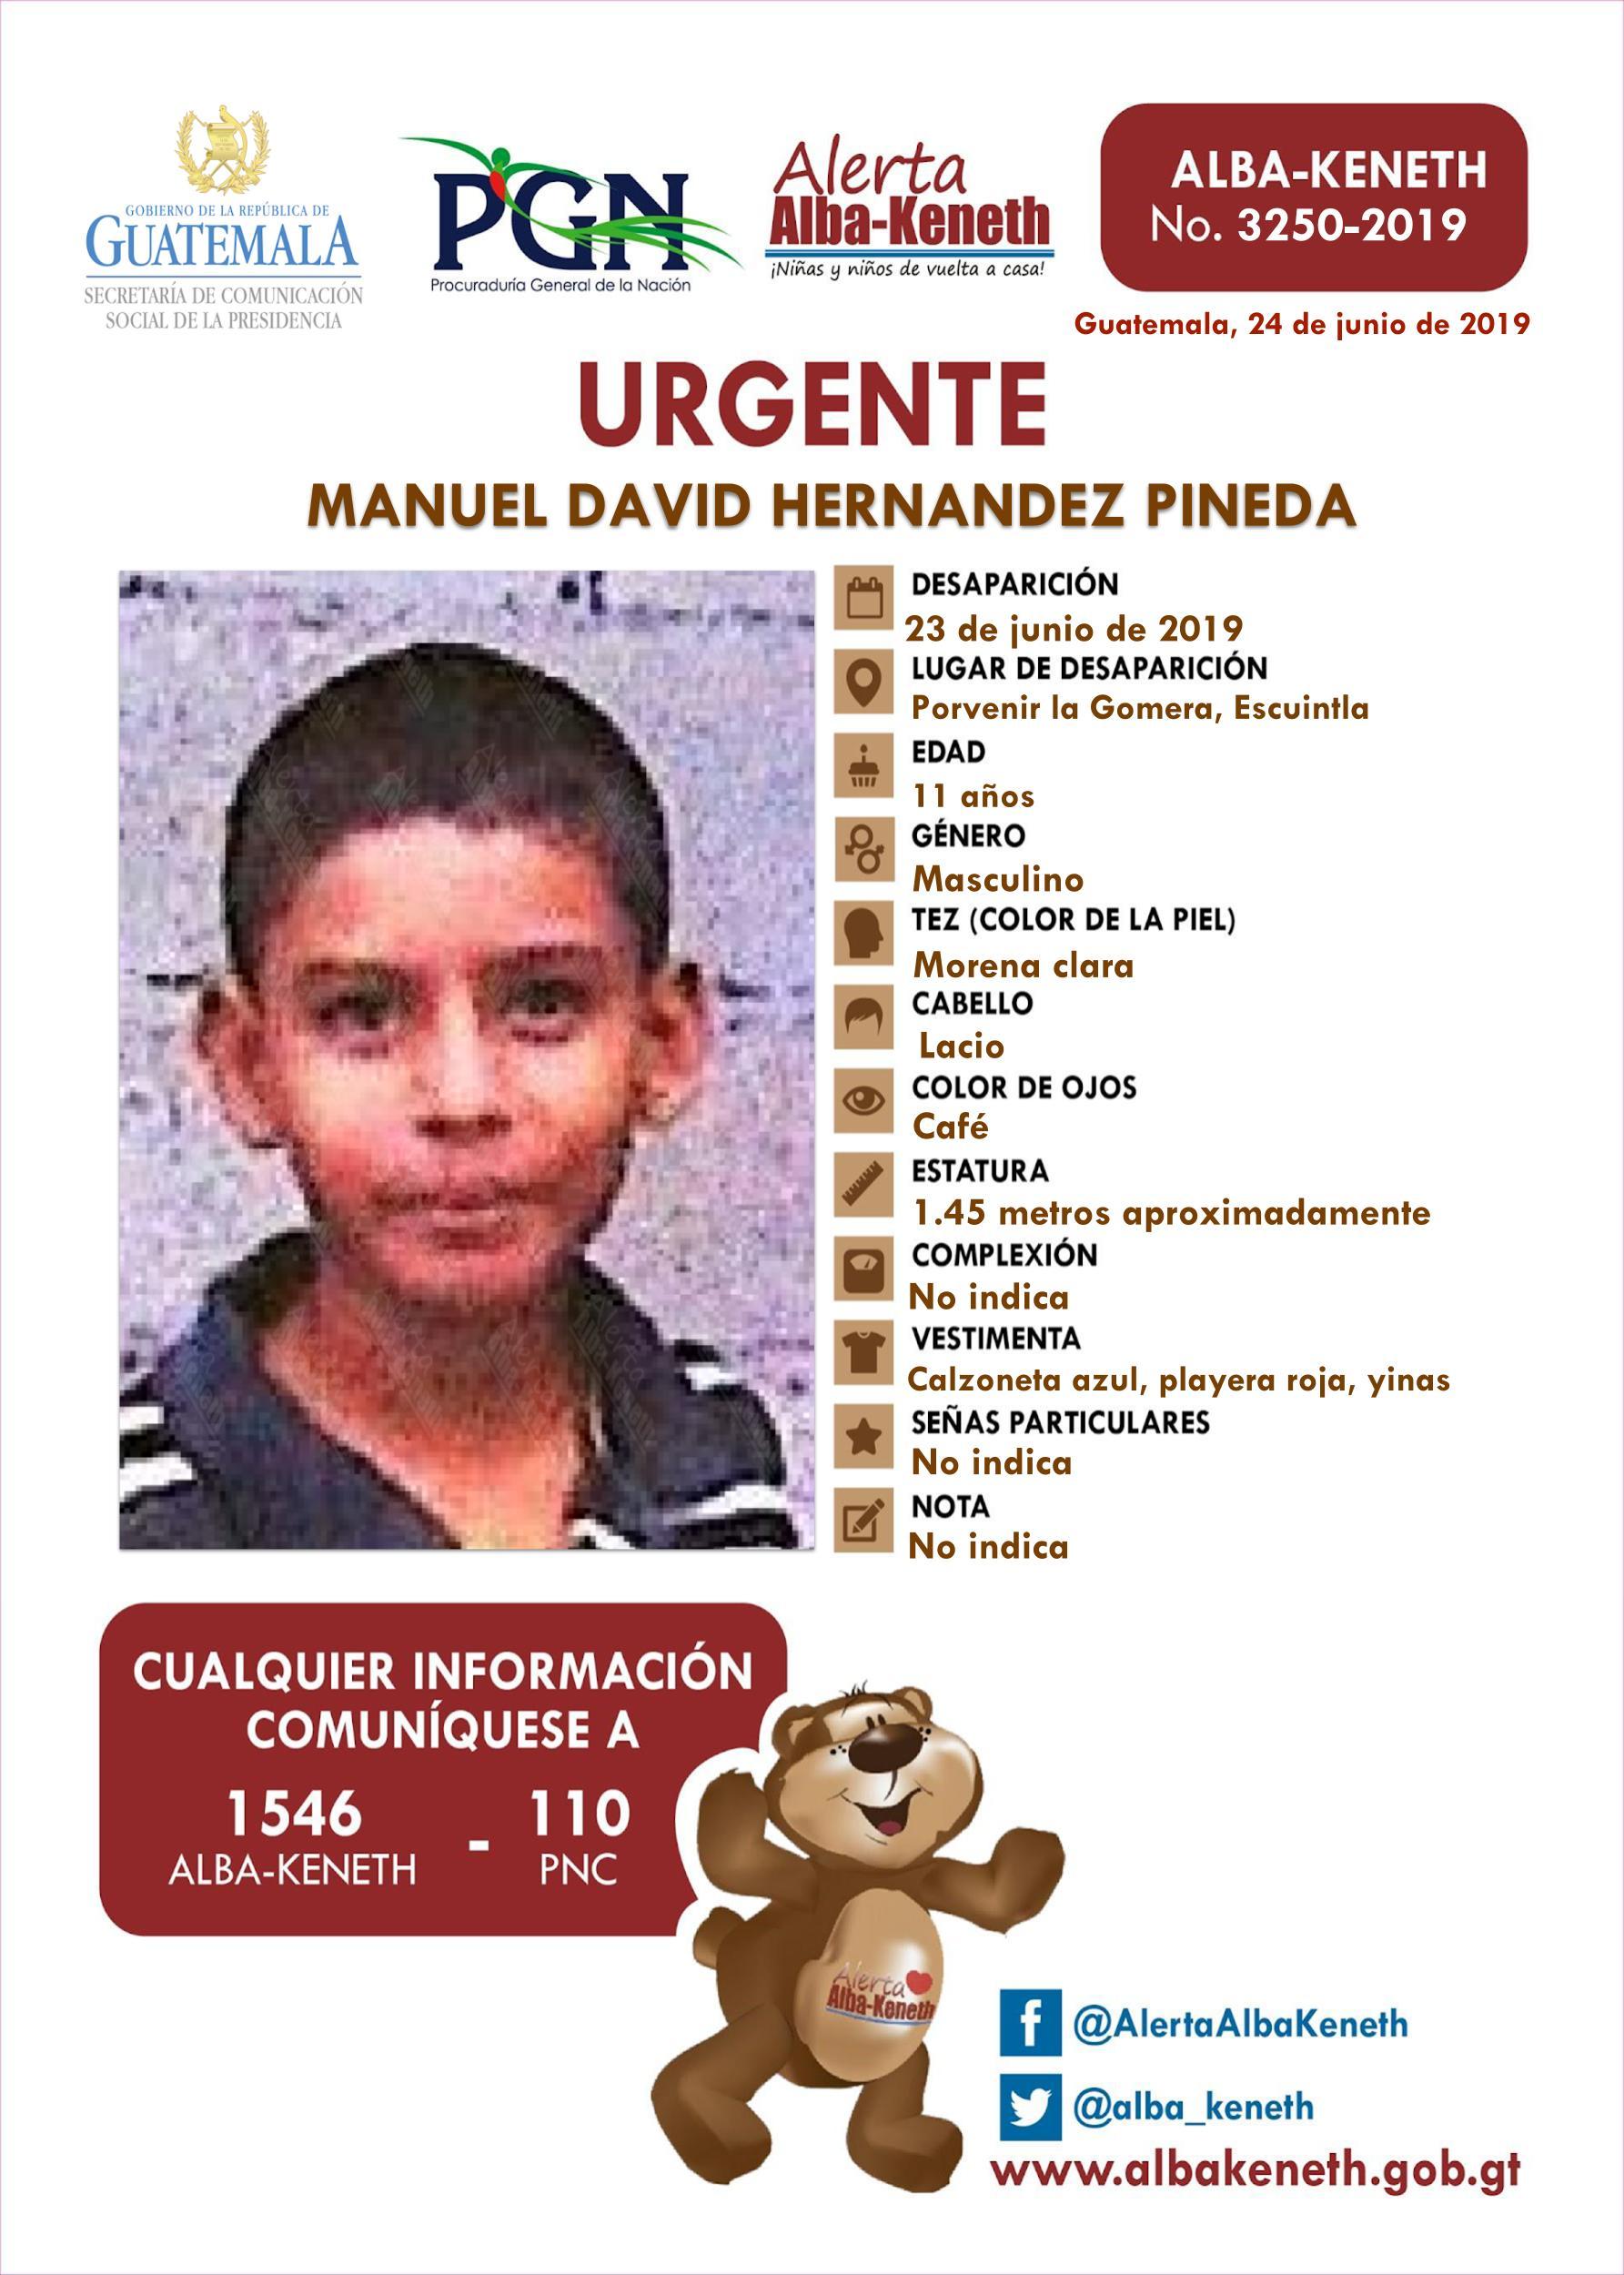 Manuel David Hernandez Pineda